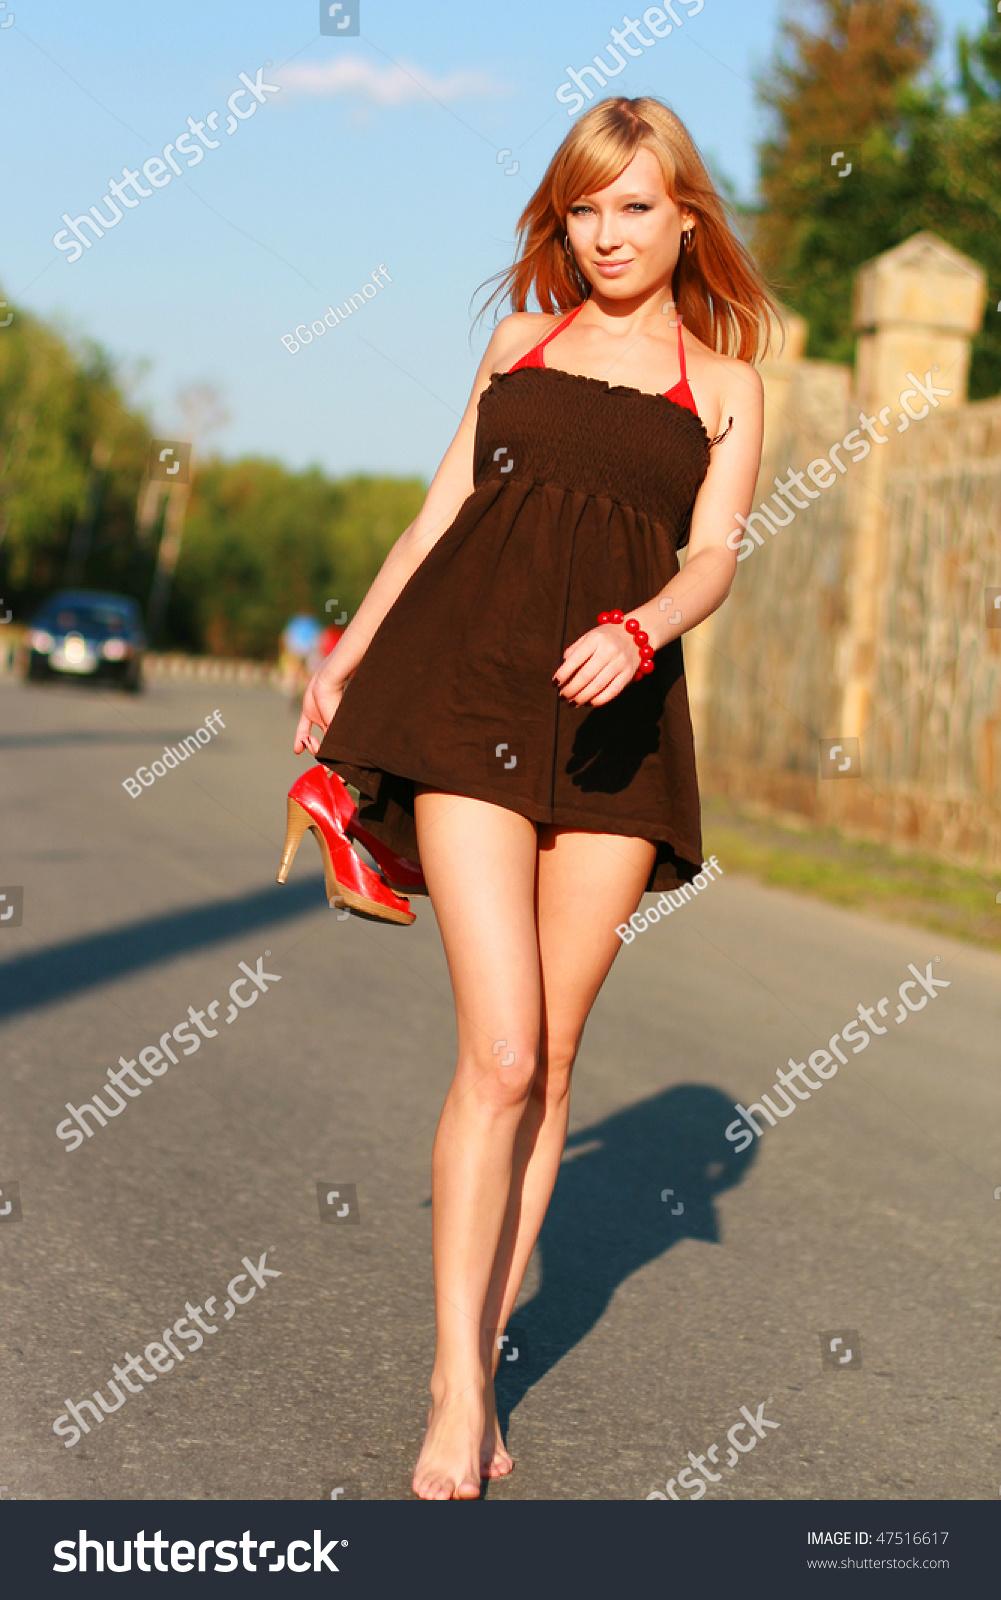 Simple Beautiful Short Dresses